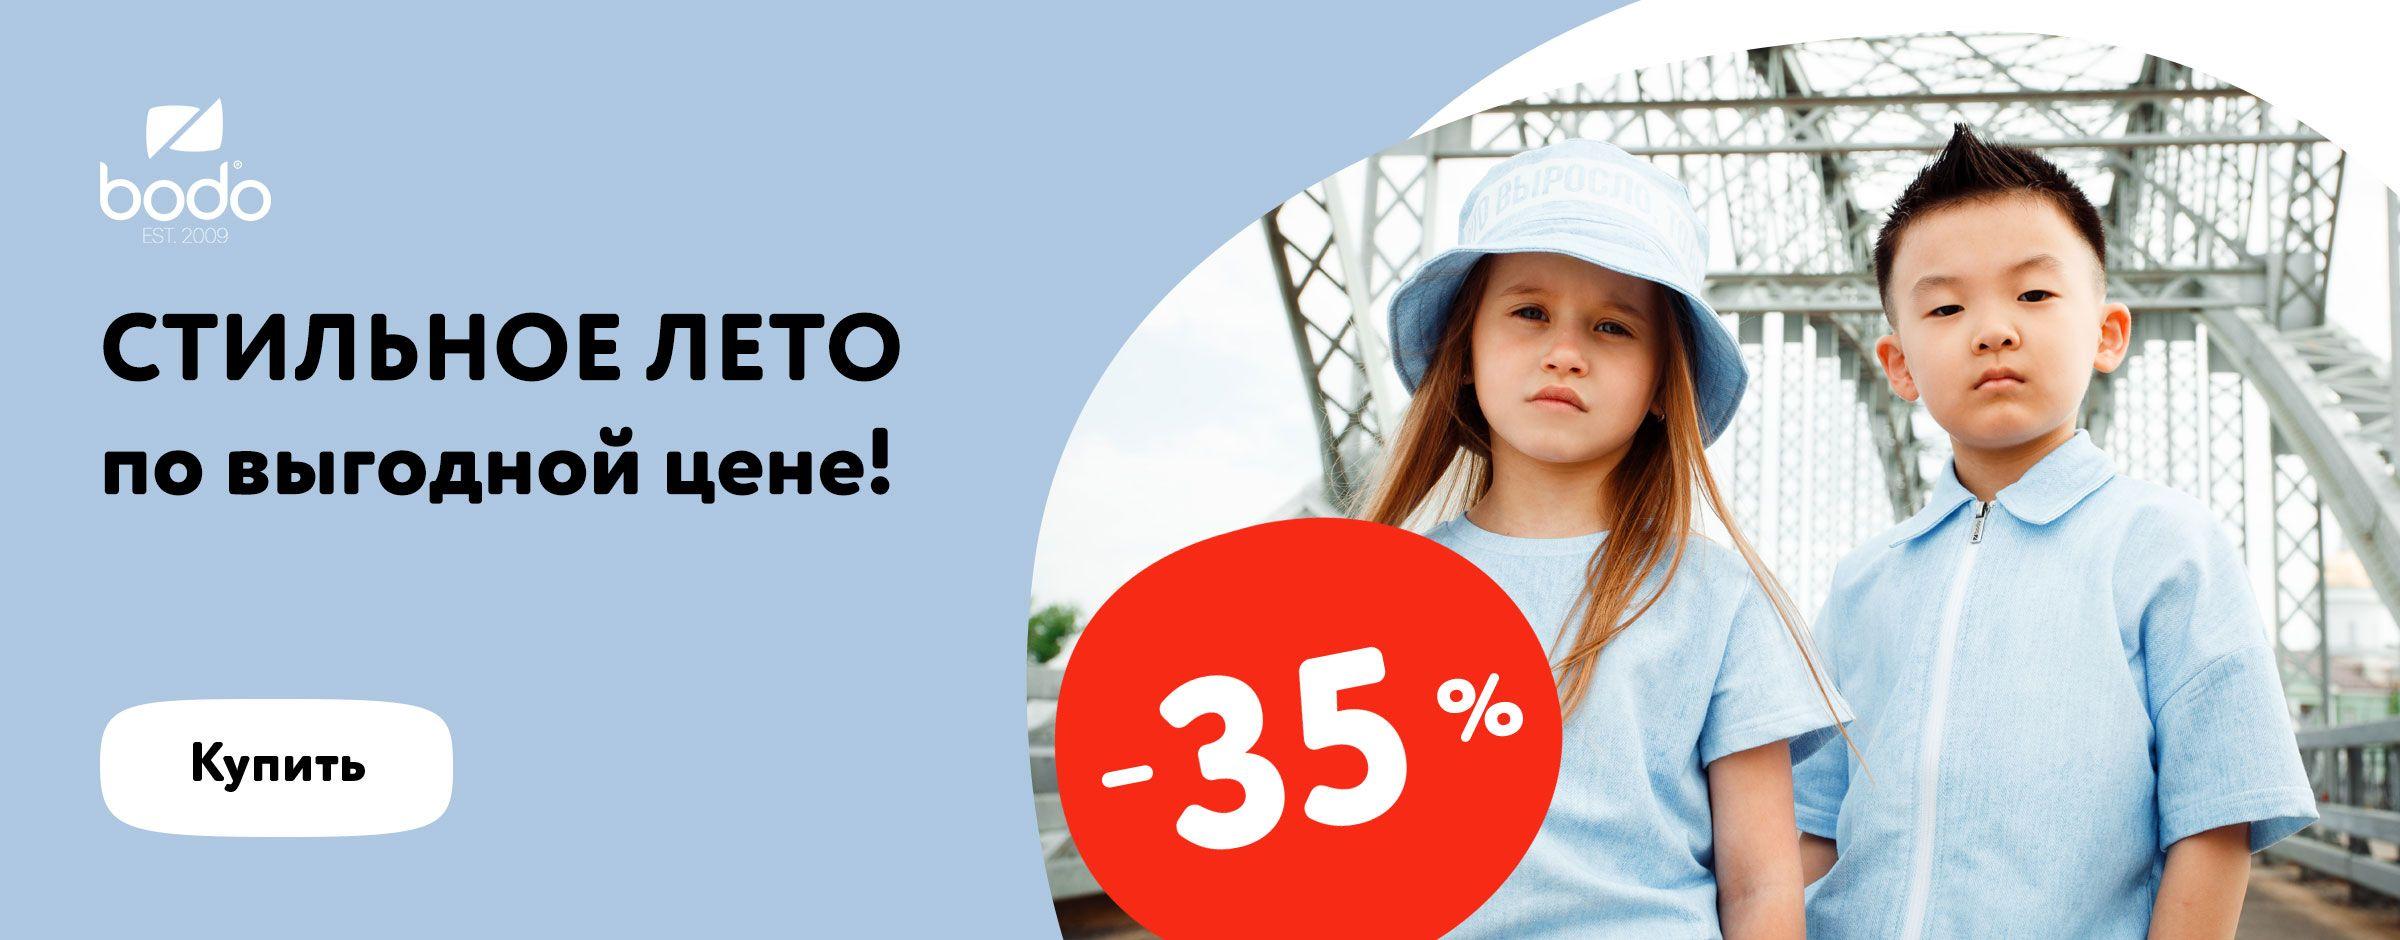 Одежда -35% МП